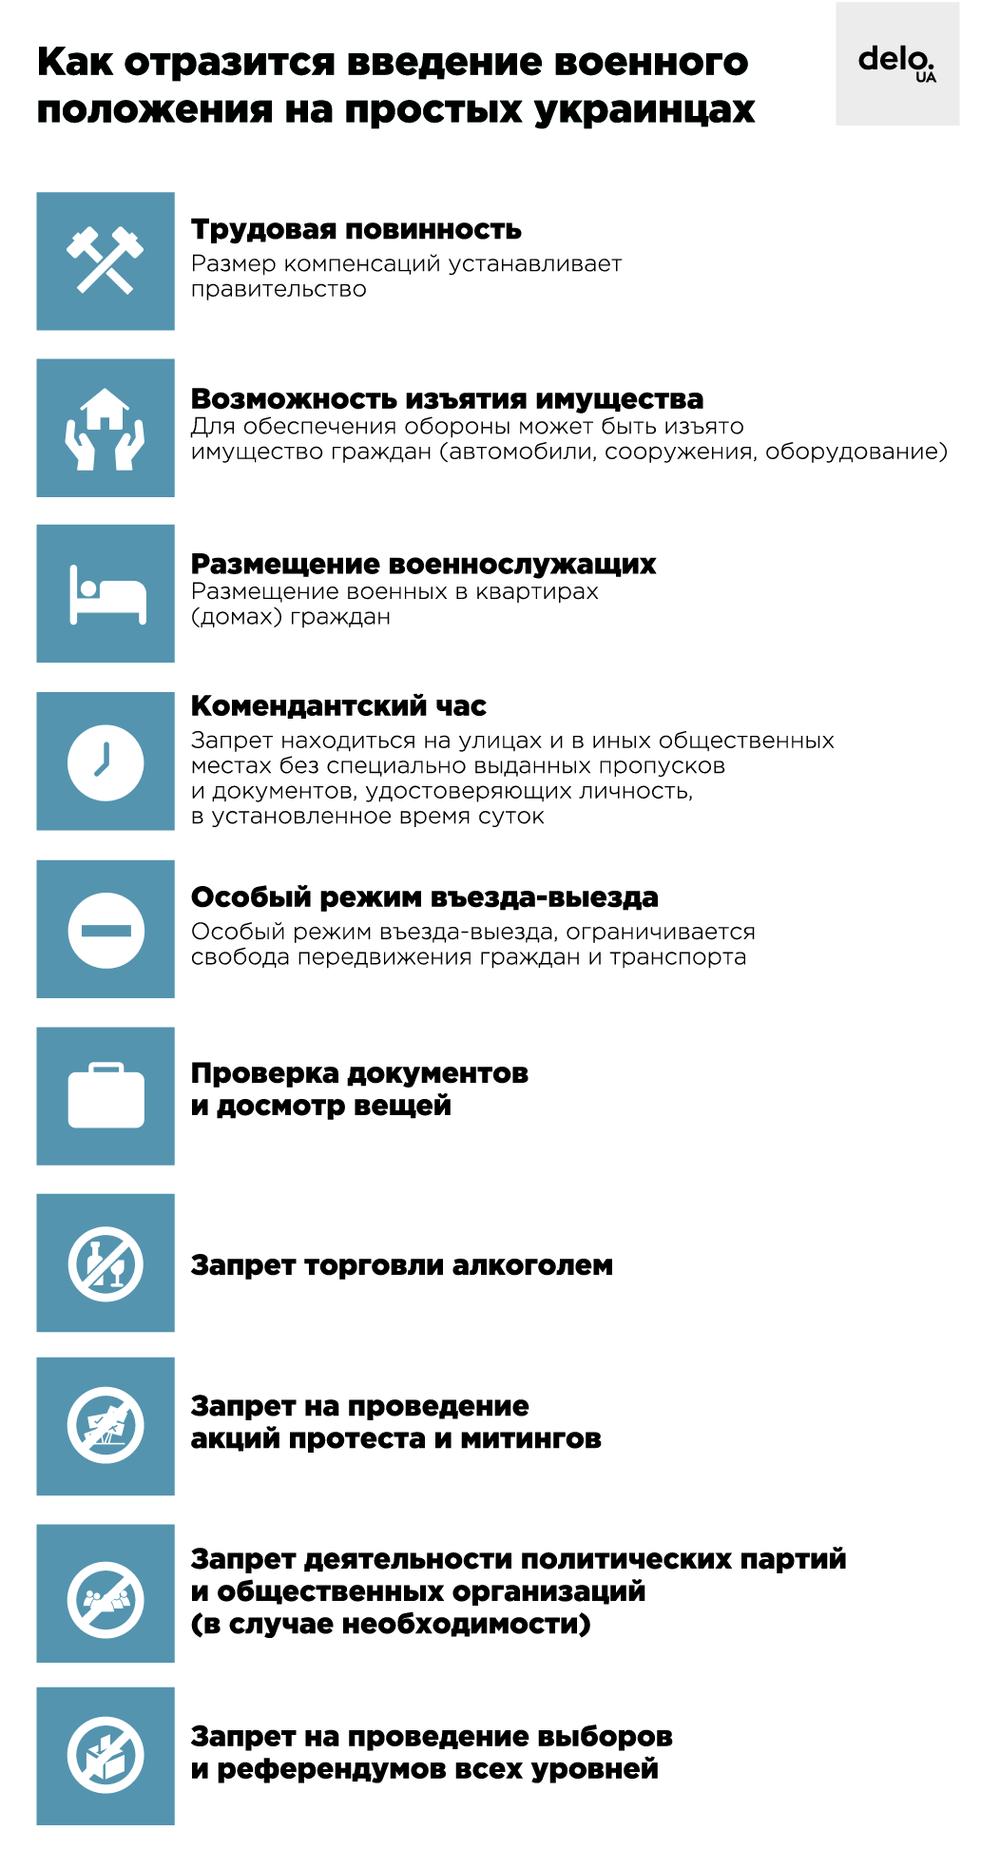 Рада поддержала введение военного положения. Что это значит для украинцев